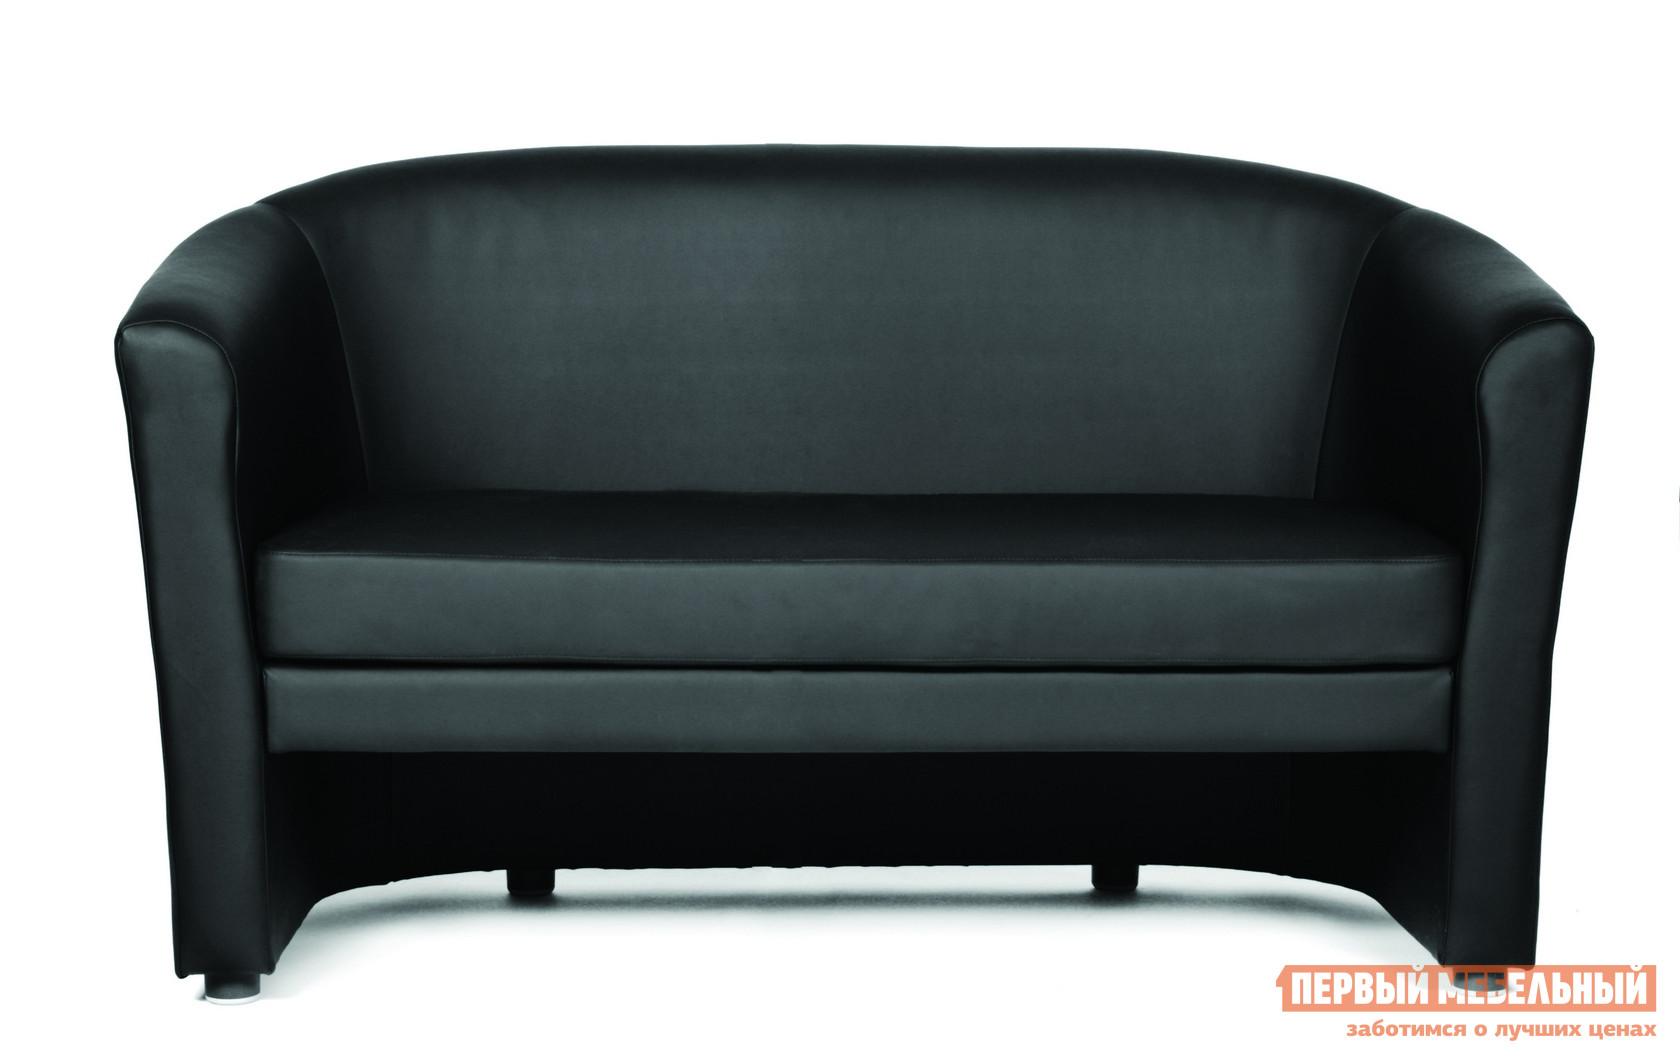 Диван офисный Тайпит Крон Диван двухместный  kembali диван двухместный маями